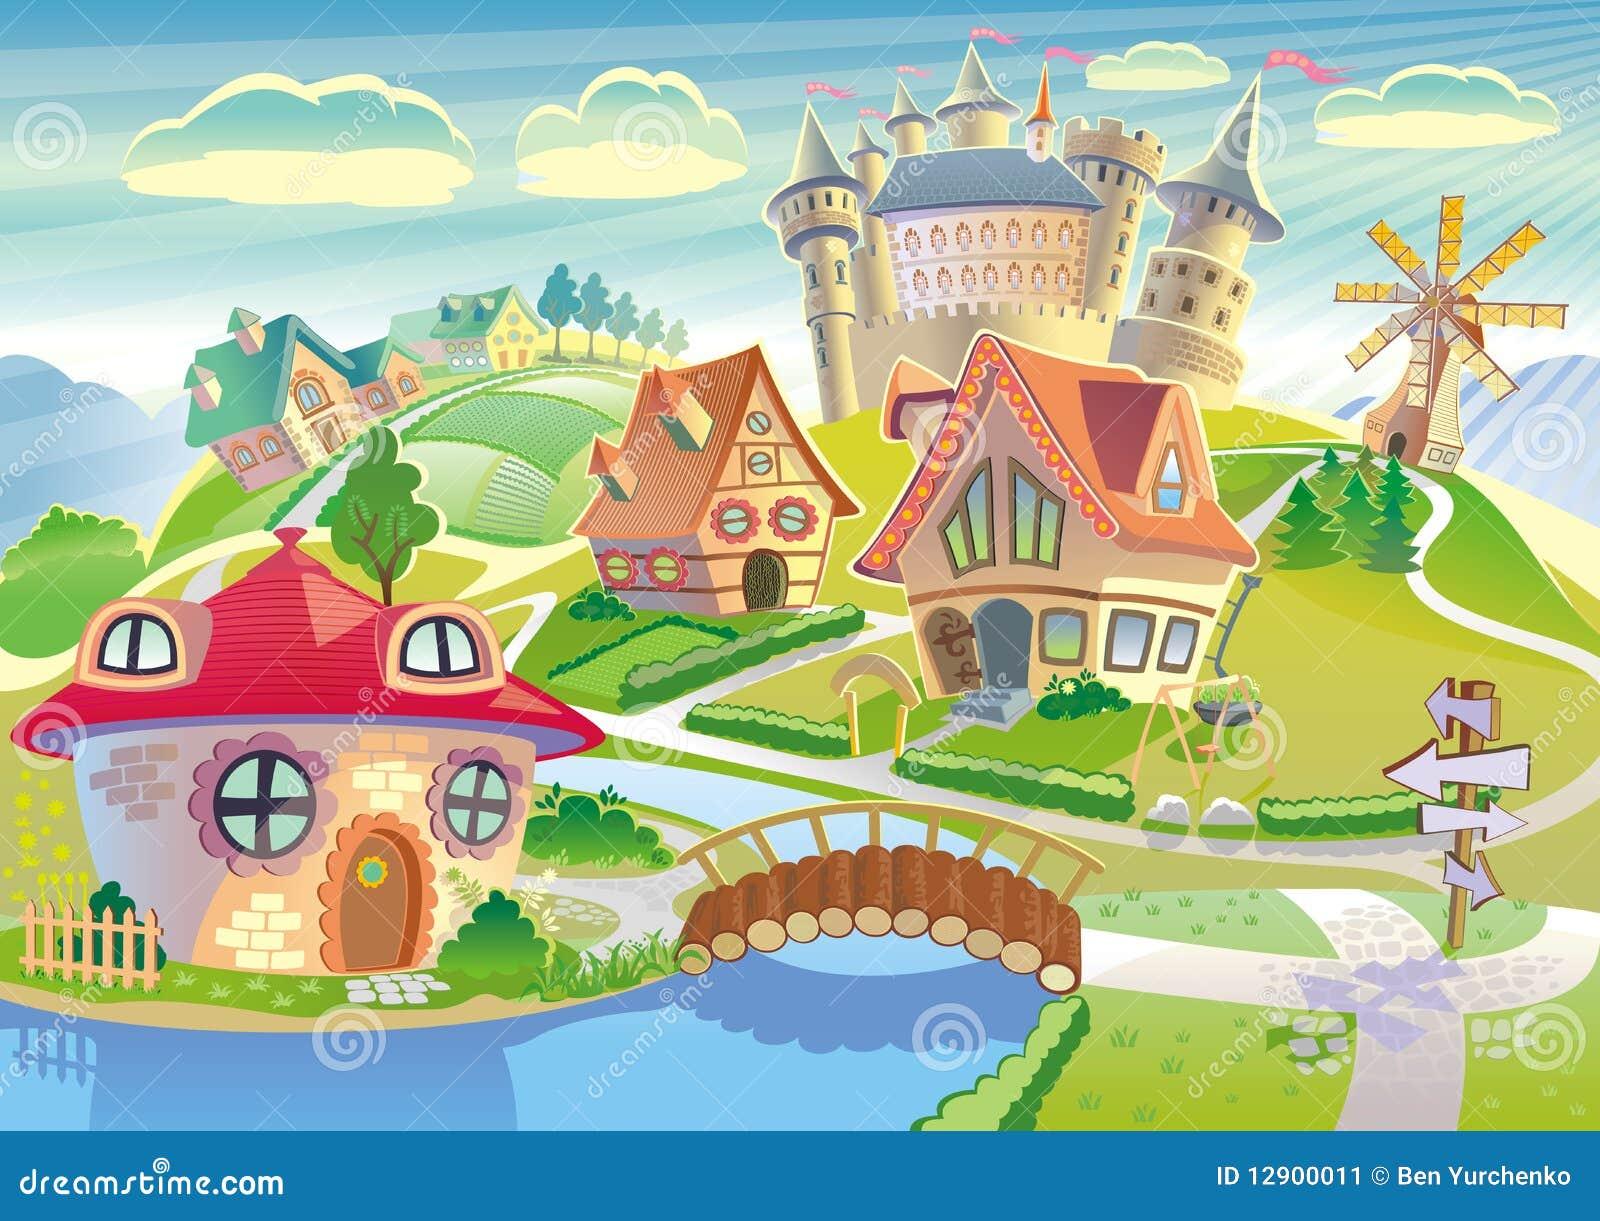 Märchenland mit wenigem Dorf, Schloss, Windmühle